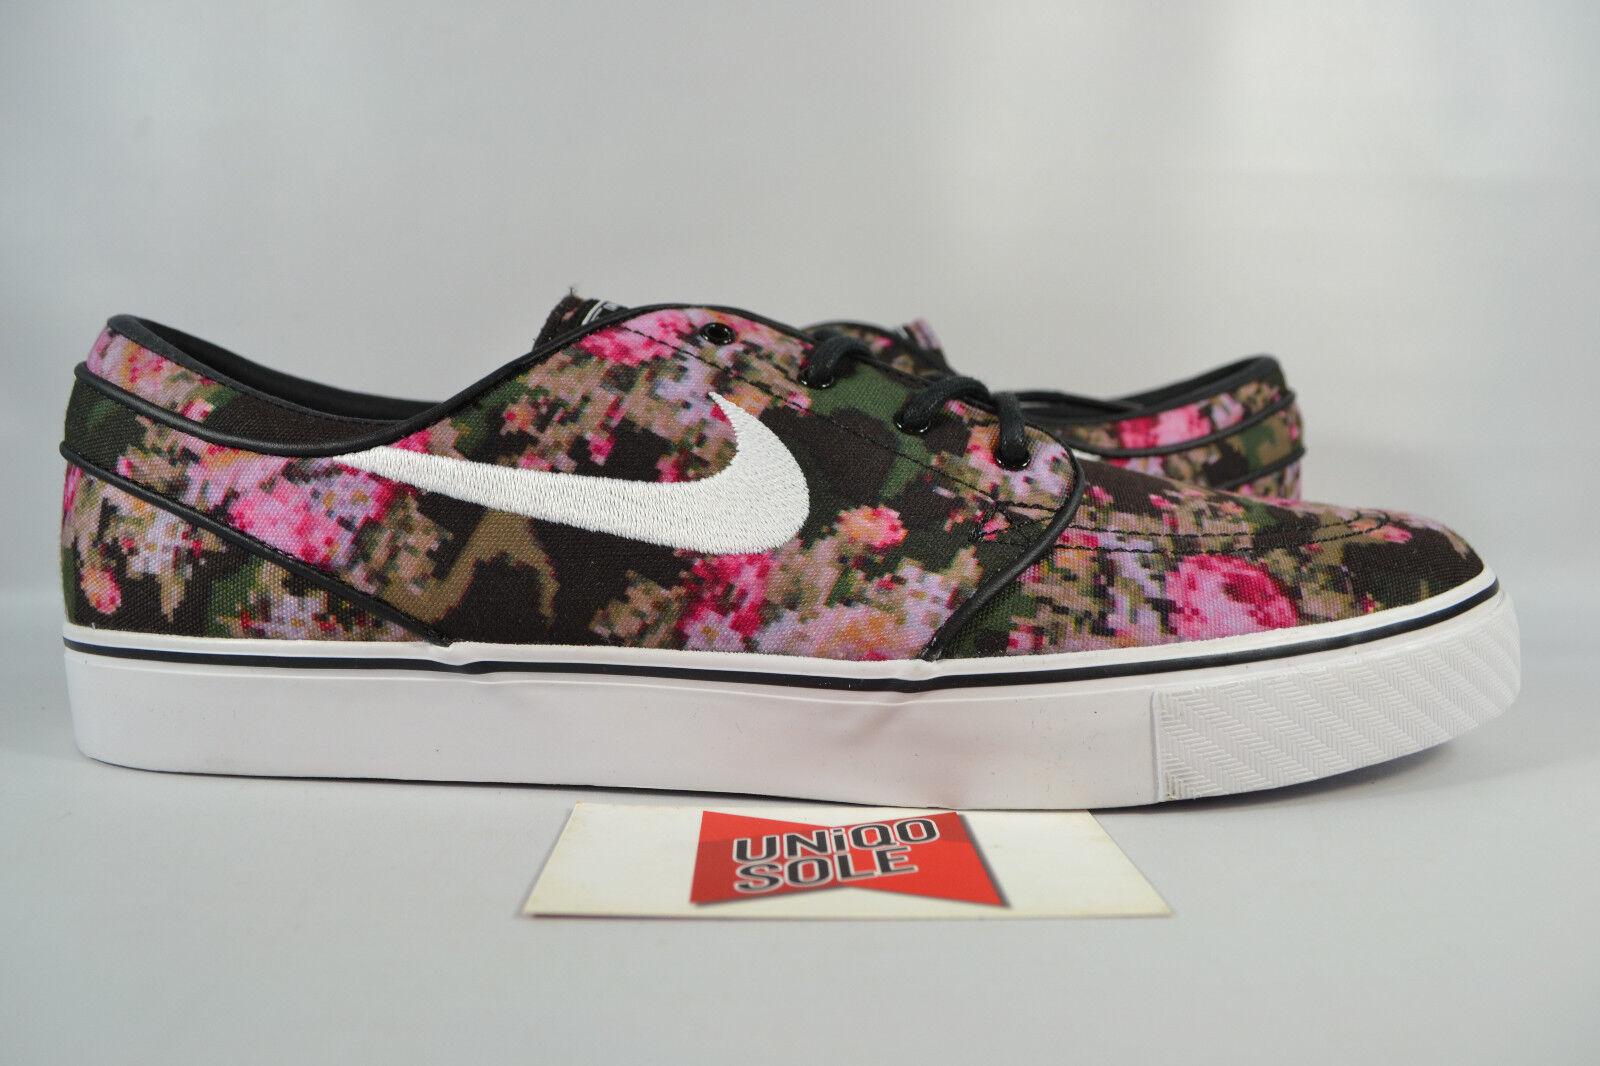 NEW Nike Zoom Stefan Janoski PR DIGI FLORAL ORIGINAL OG 482972-900 sz 7.5